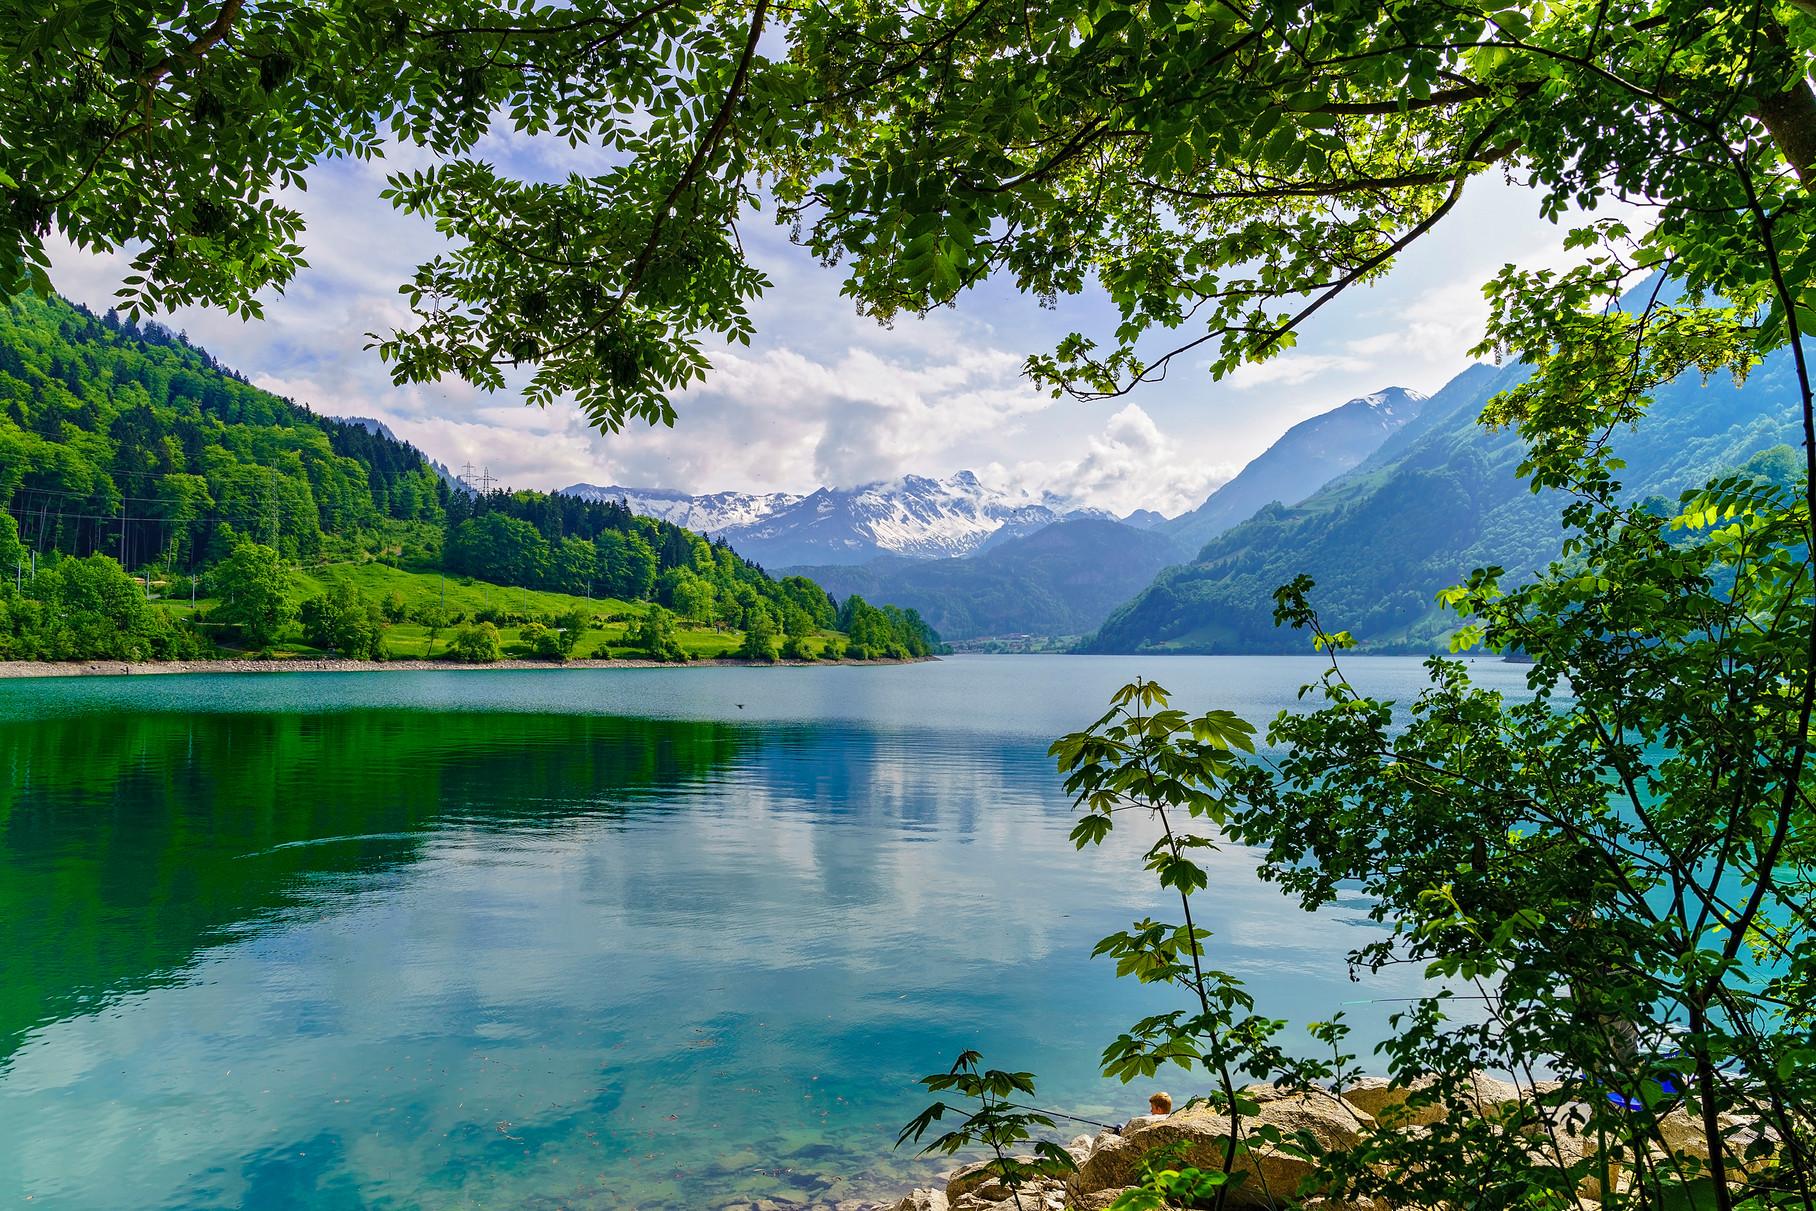 _VKS0550_LakeLungern_11x14_300ppi.jpg